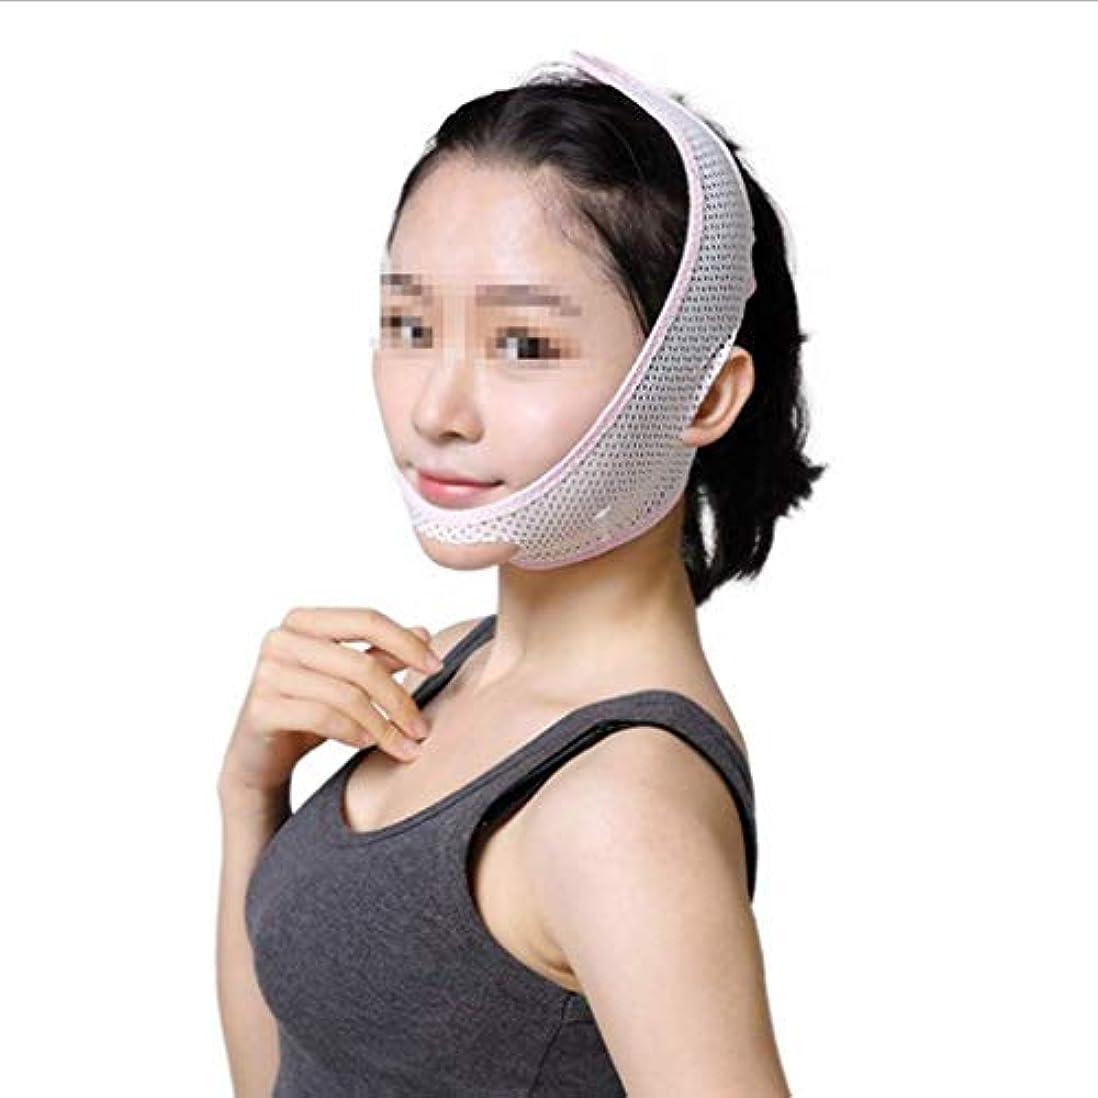 インポート緊急不可能な超薄型通気性フェイスマスク、包帯Vフェイスマスクフェイスリフティングファーミングダブルチンシンフェイスベルト(サイズ:M),M